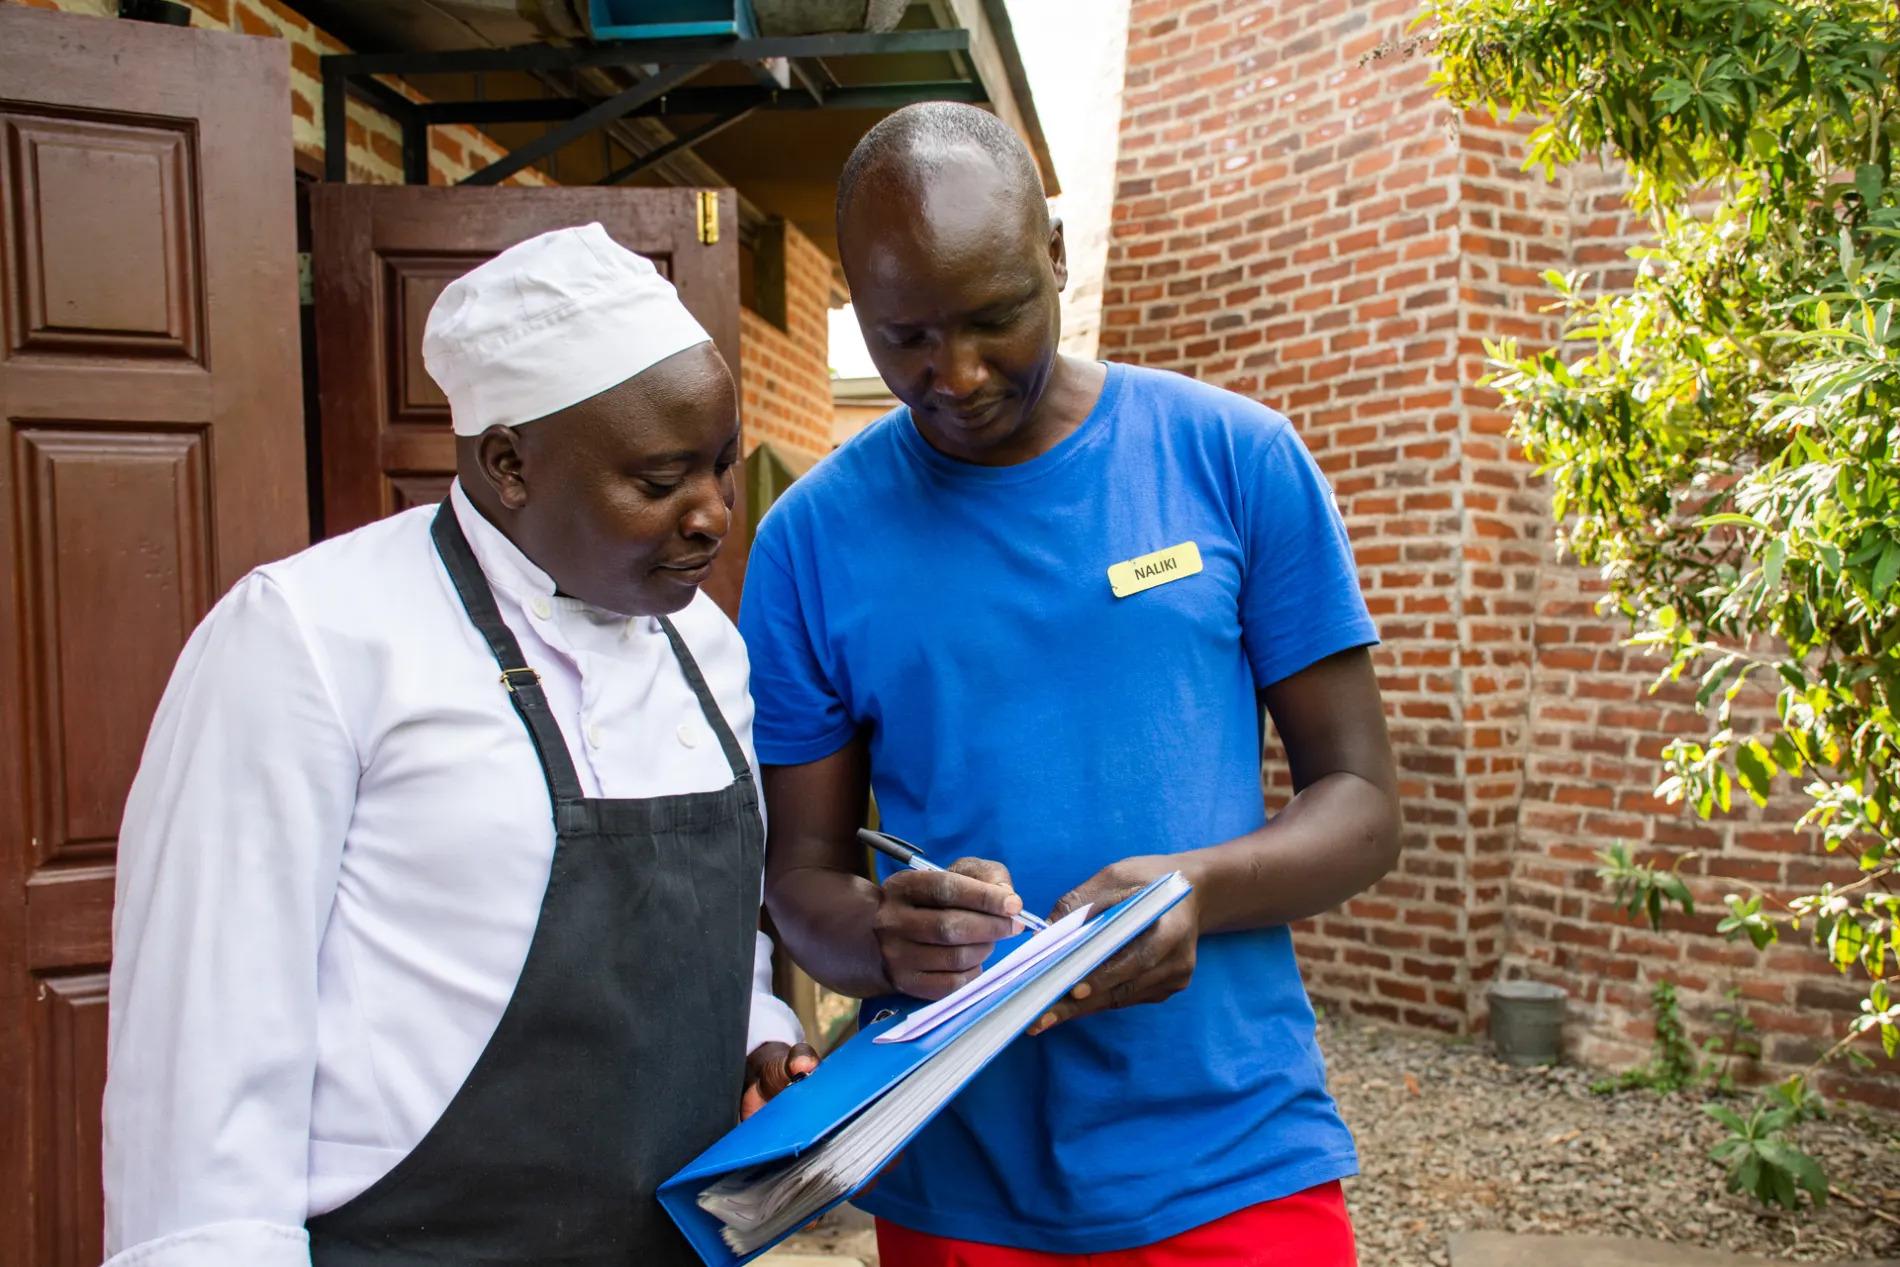 Naliki and chef